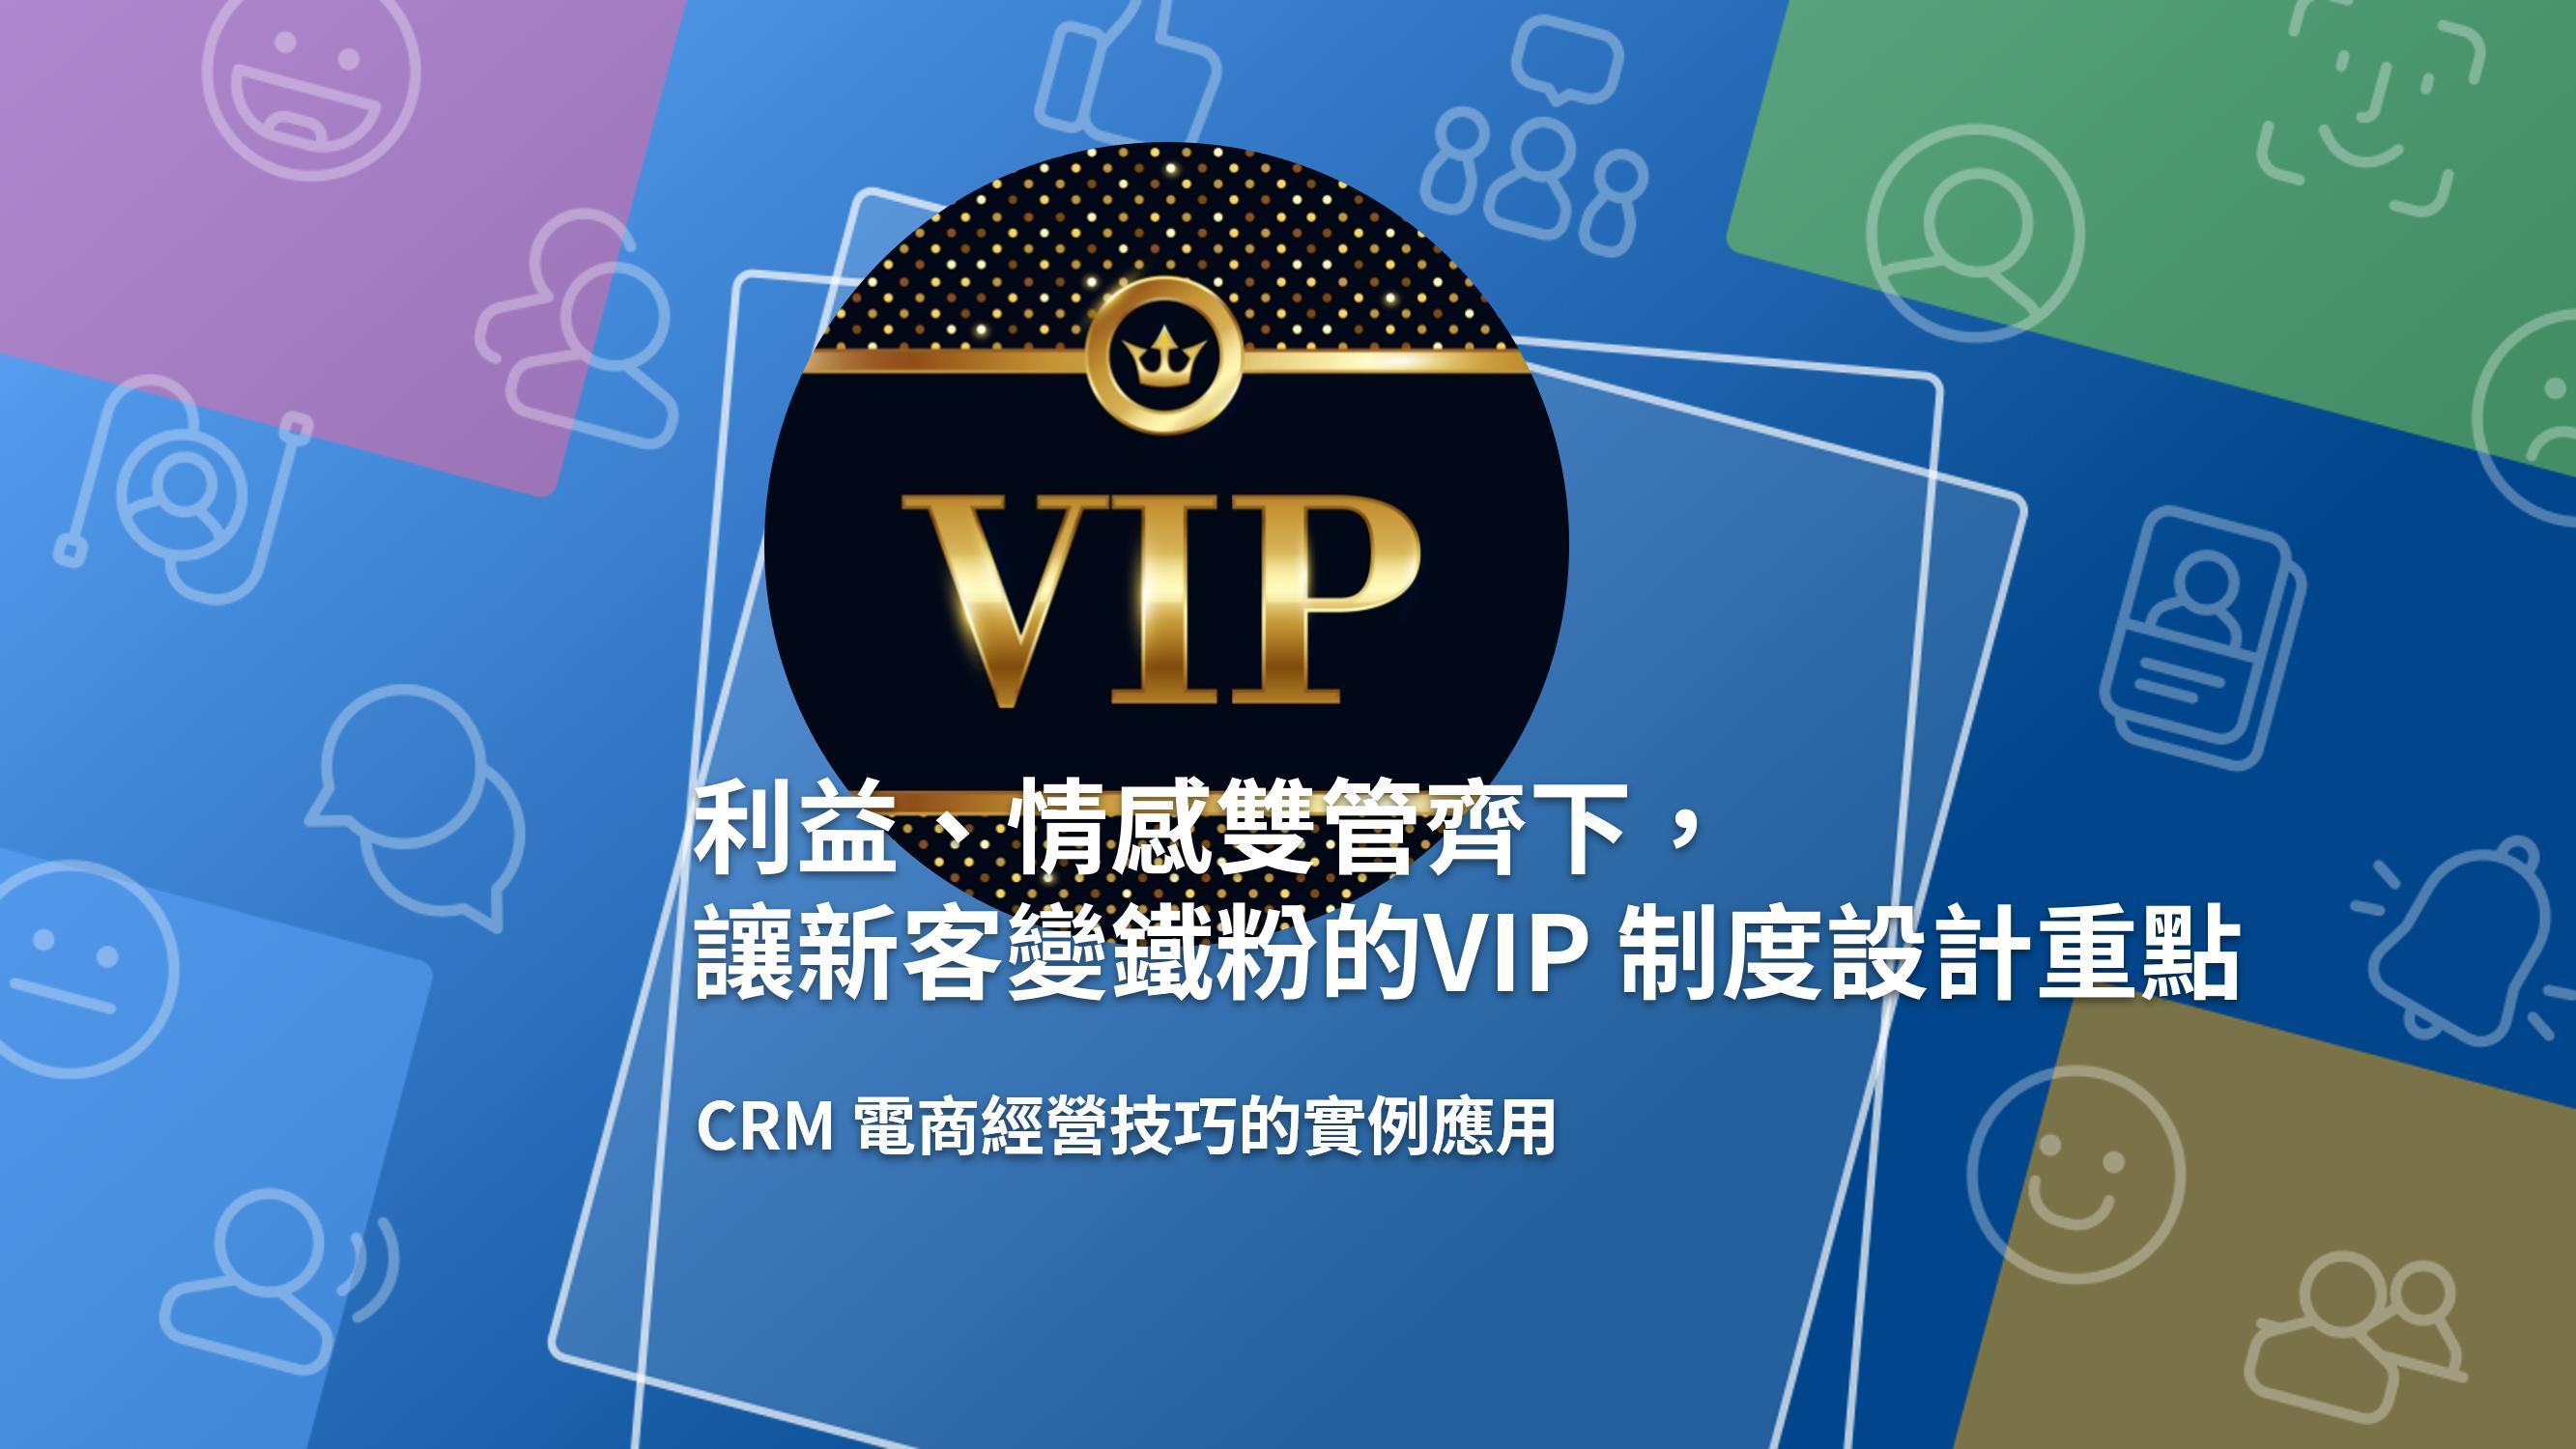 從利益方面滿足低層次需求,搭配情感方面滿足高層次需求,就能讓會員心甘情願成為你的 VIP。